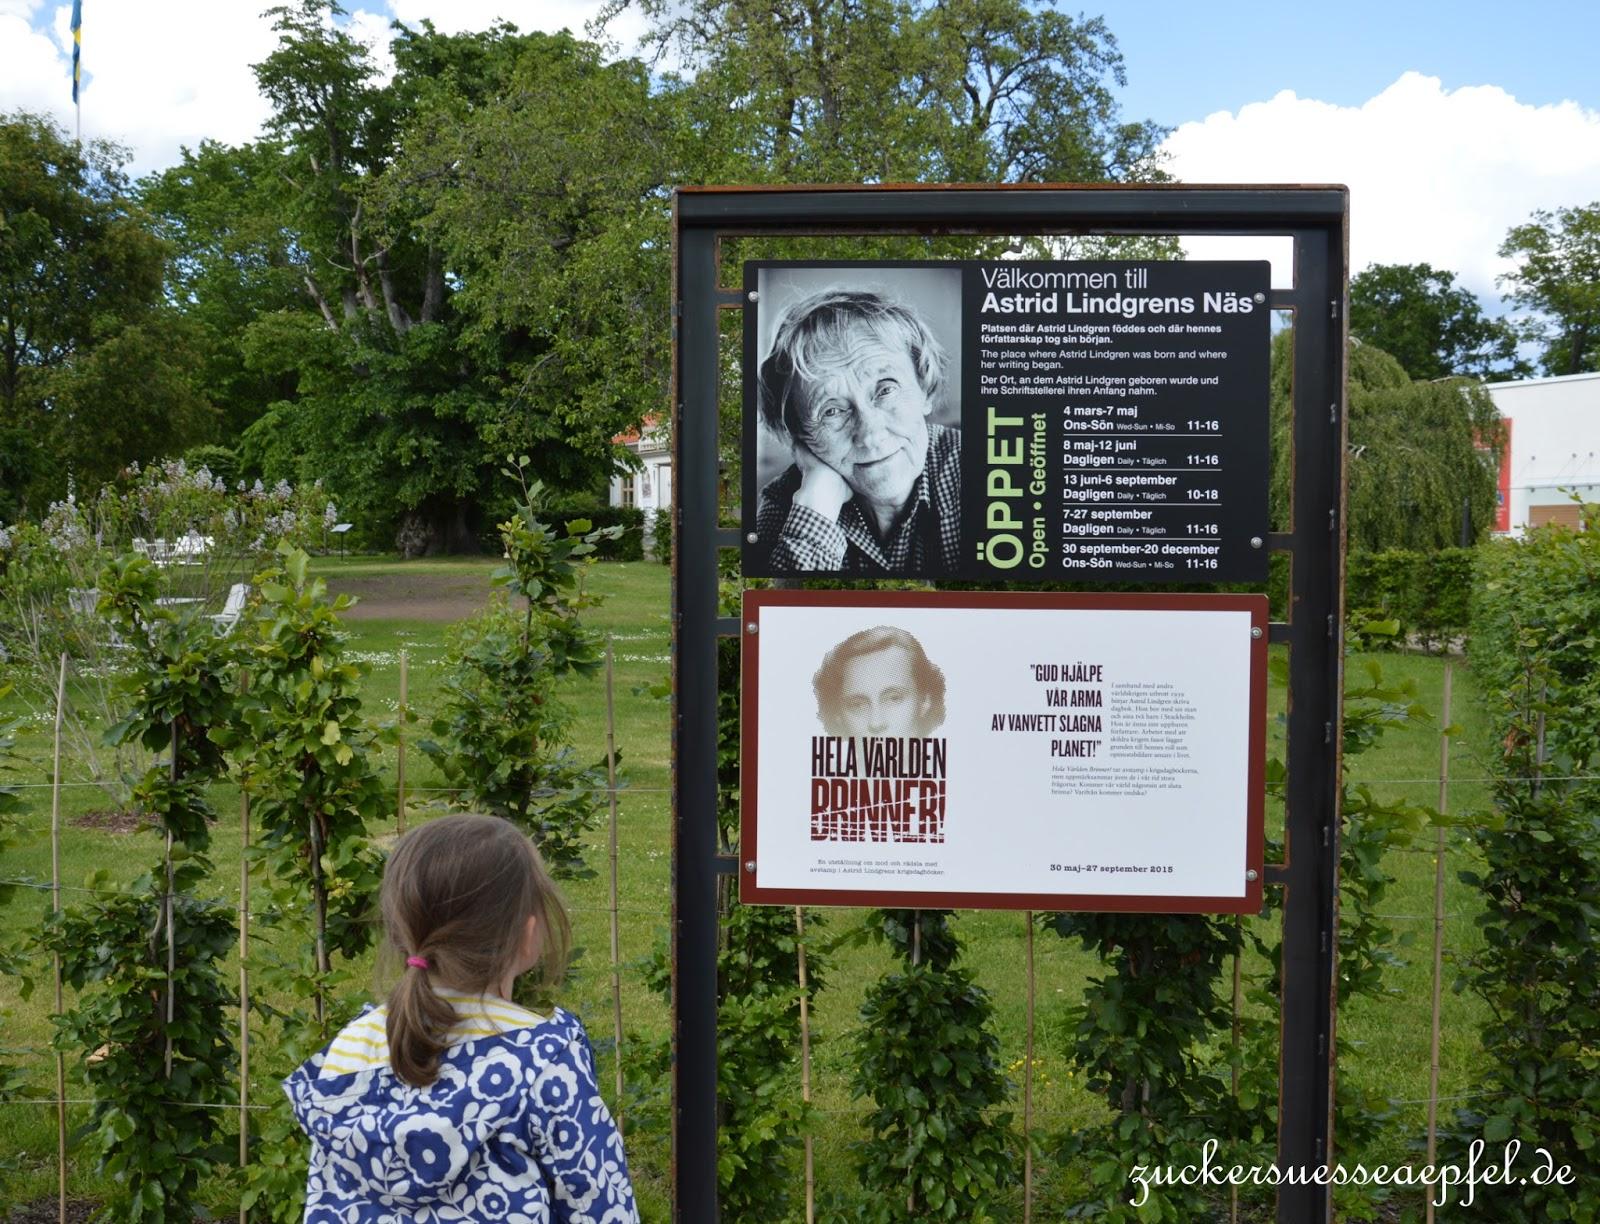 Eine Ganz Besondere Frau Astrid Lindgren Zuckersusse Apfel